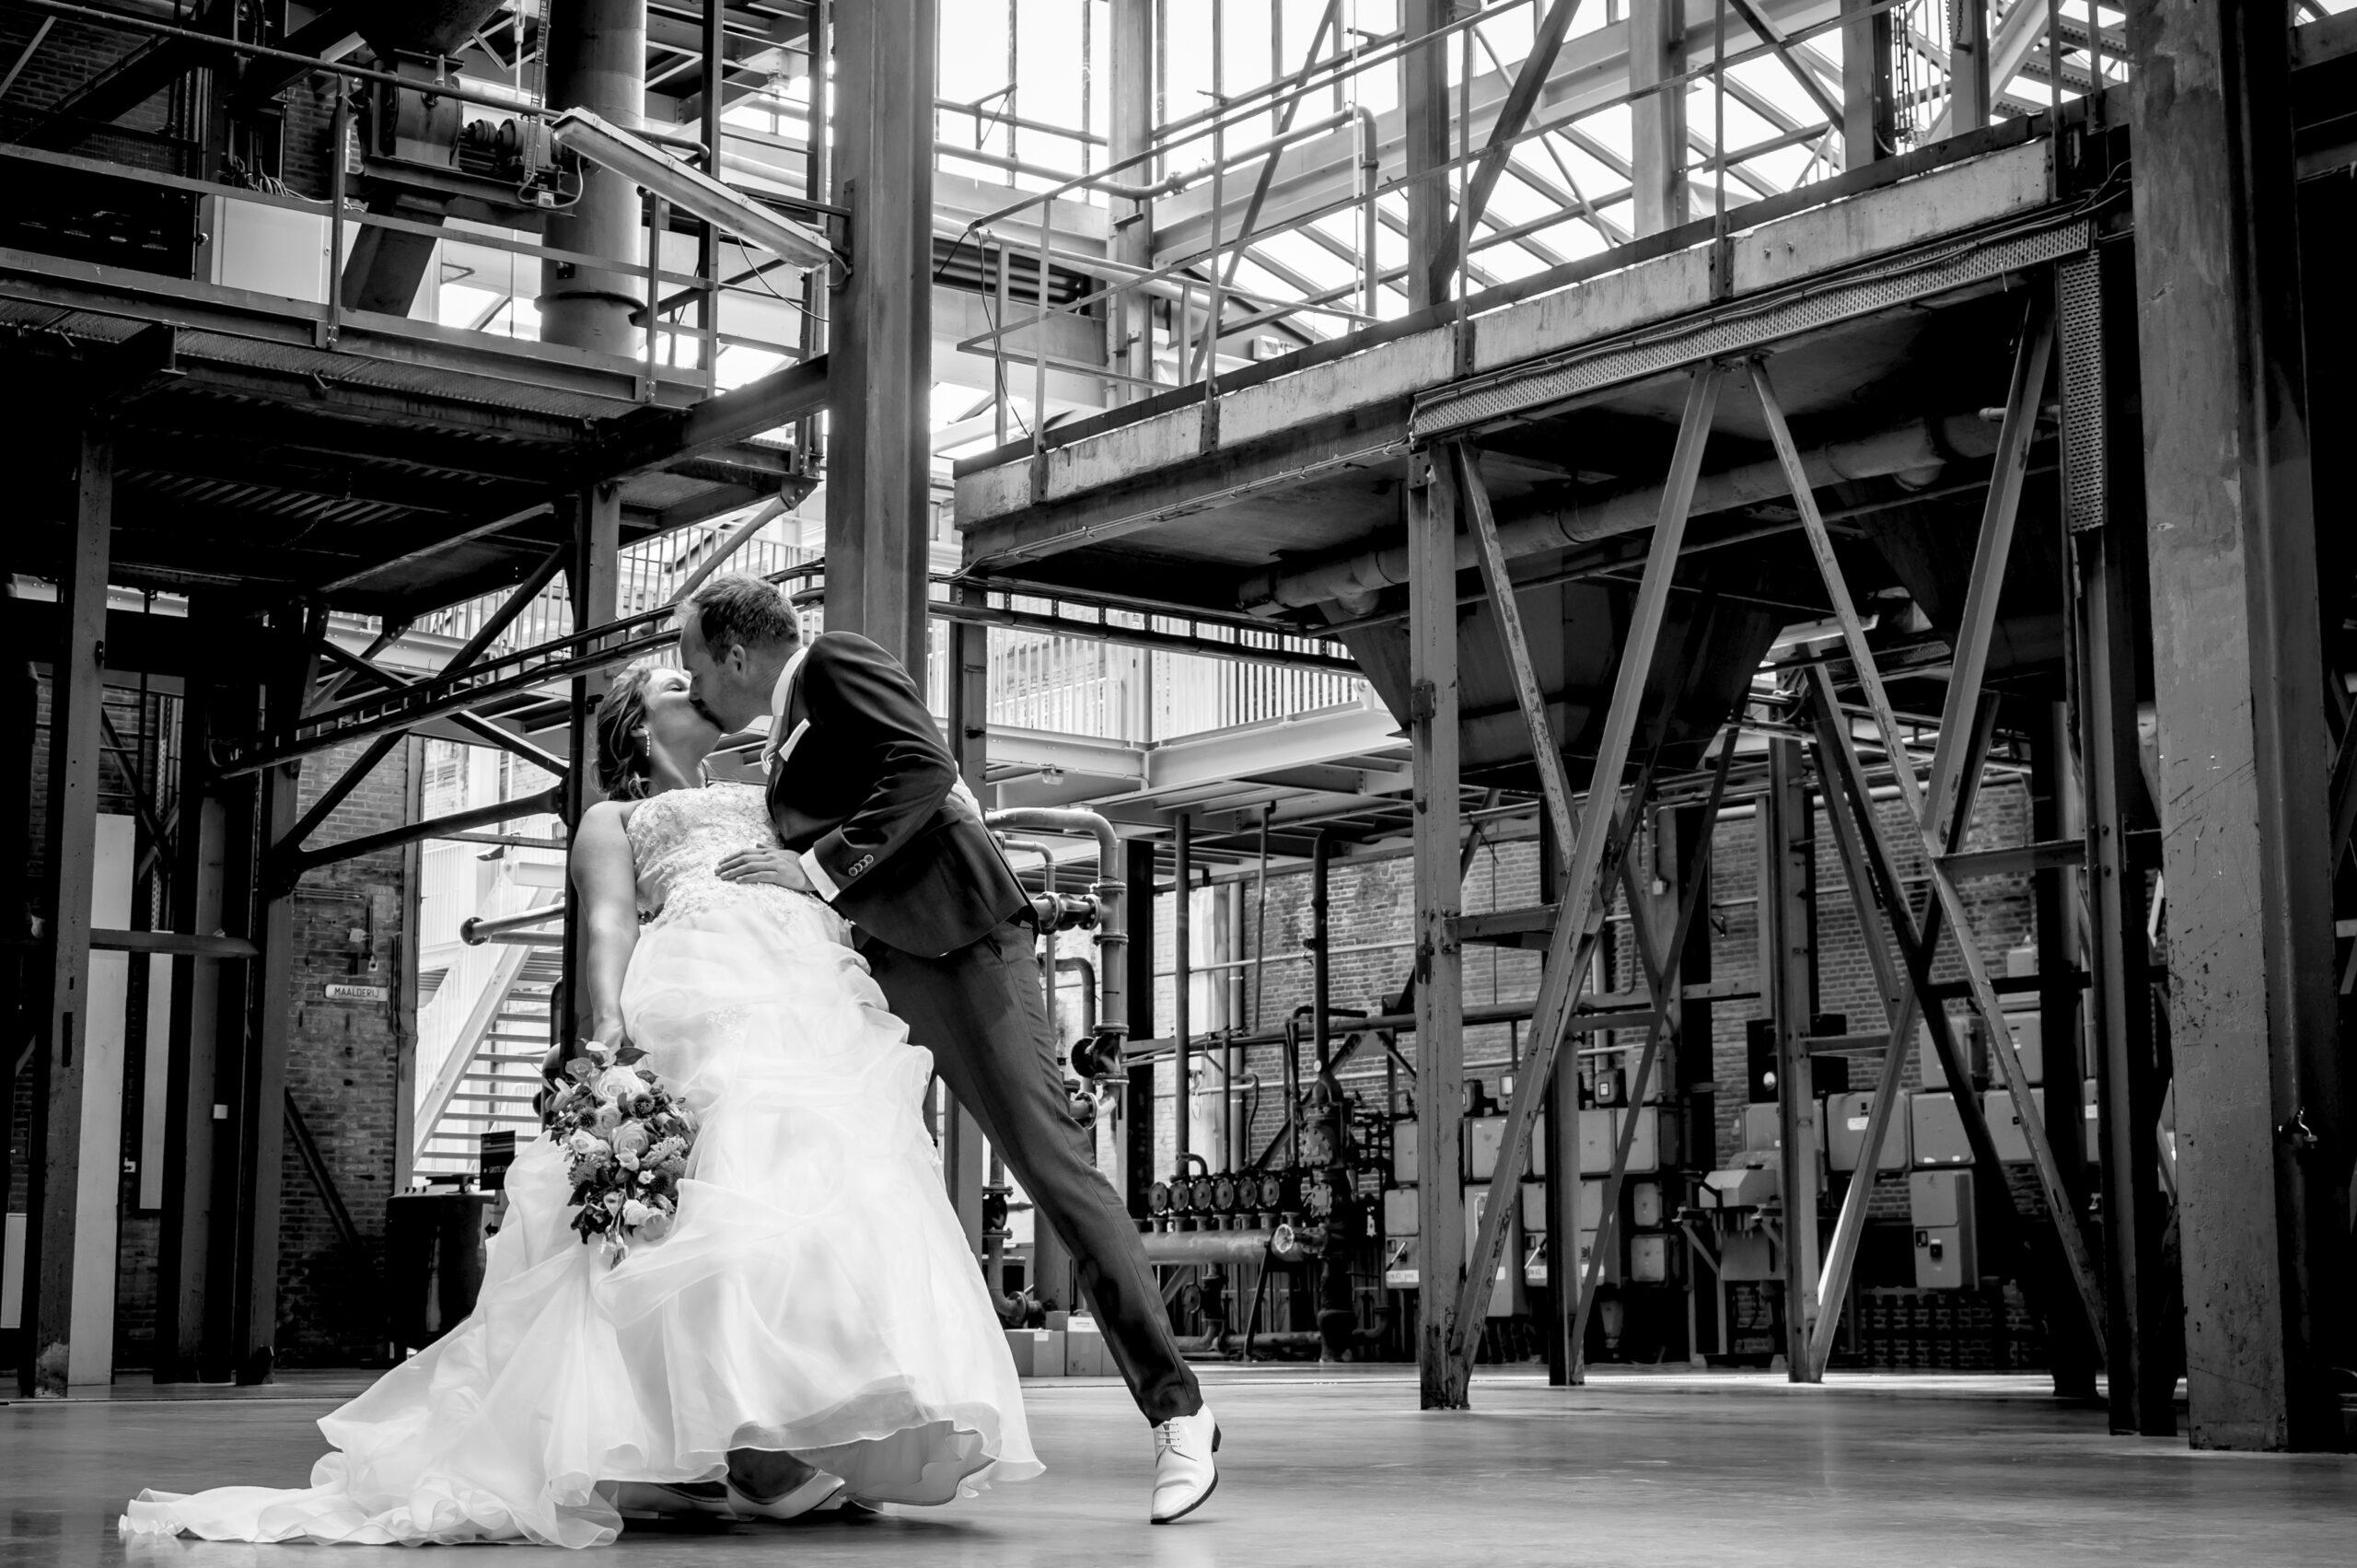 linda verweij fotograaf fotografie bruiloft bruidsfotografie mensen kinderen gezin gezinsfotografie fotoshoot portfolio Nijmegen koe het mooiste beeld communicatie licht fotostudio lent fotos foto's familie famiieshoot insecten vlinder vlieg lachen gezellig uitje